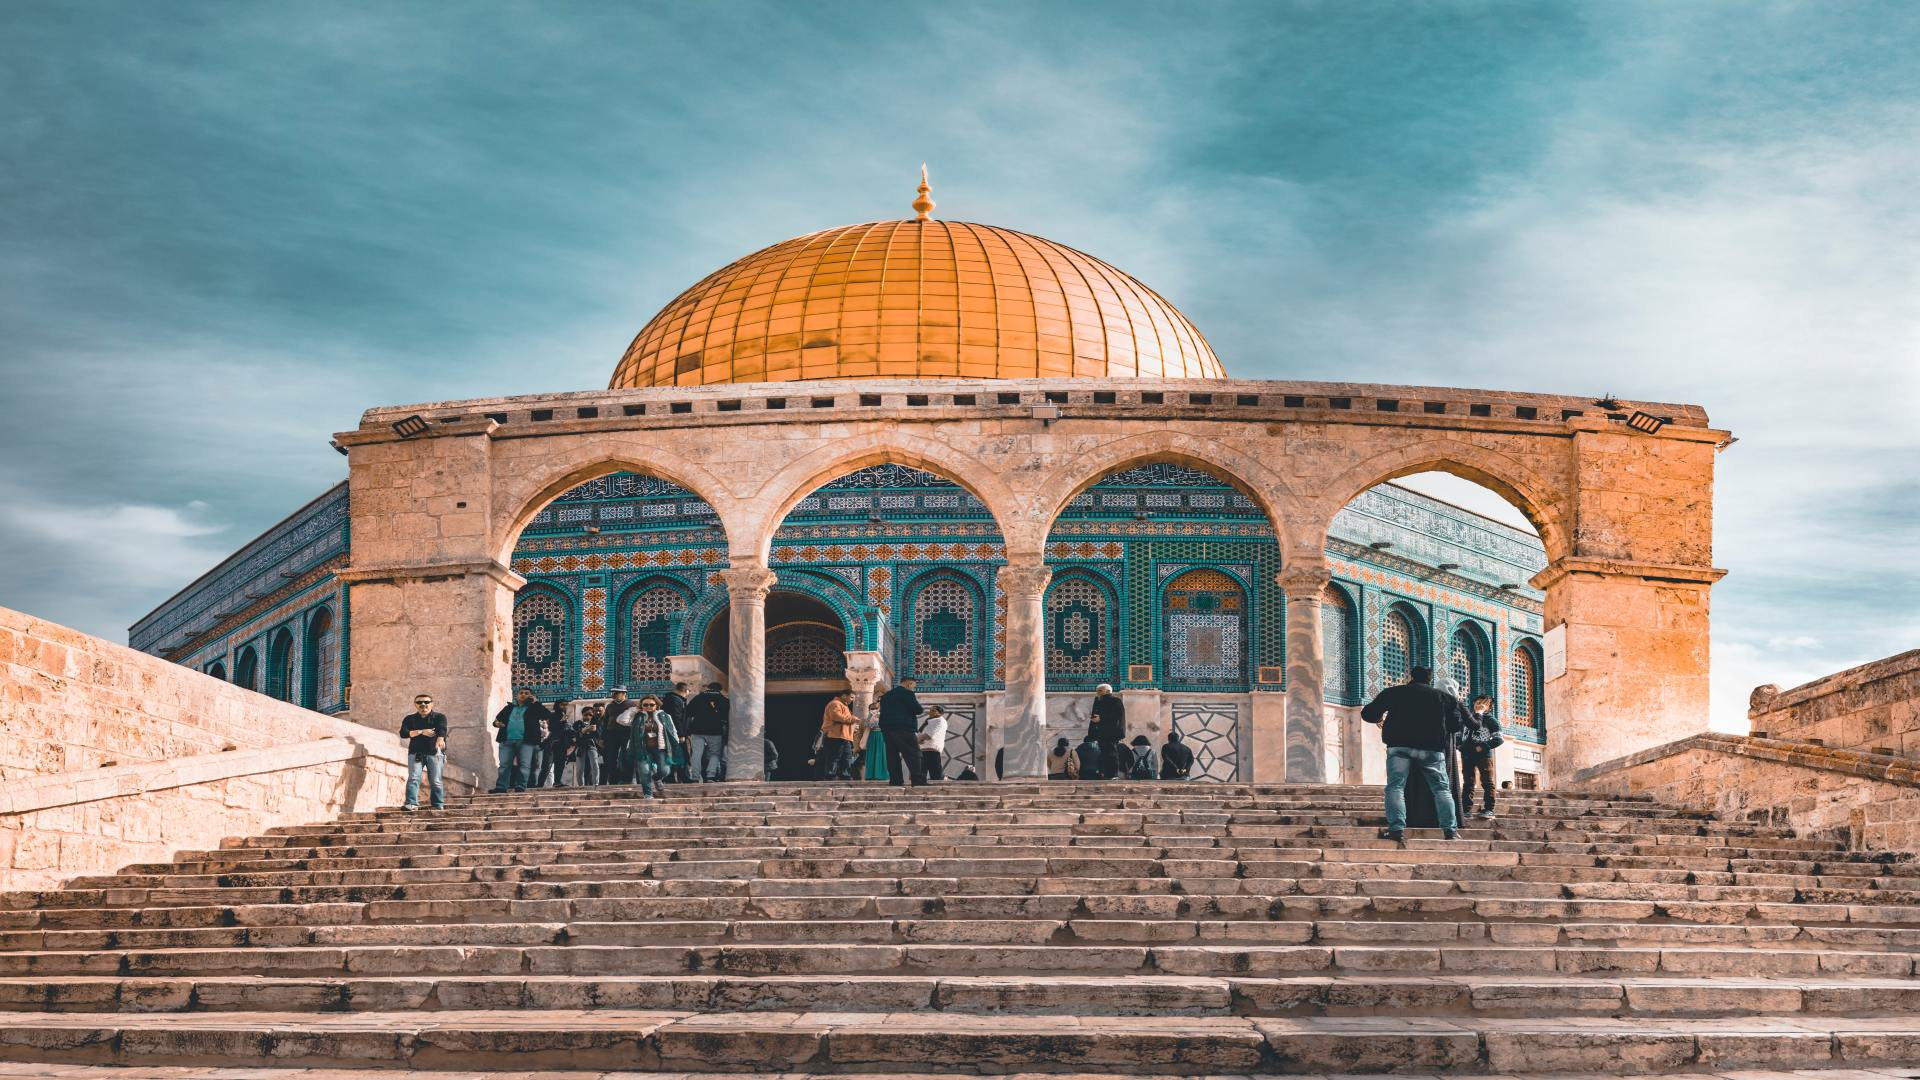 De historische stad Jeruzalem in Israël